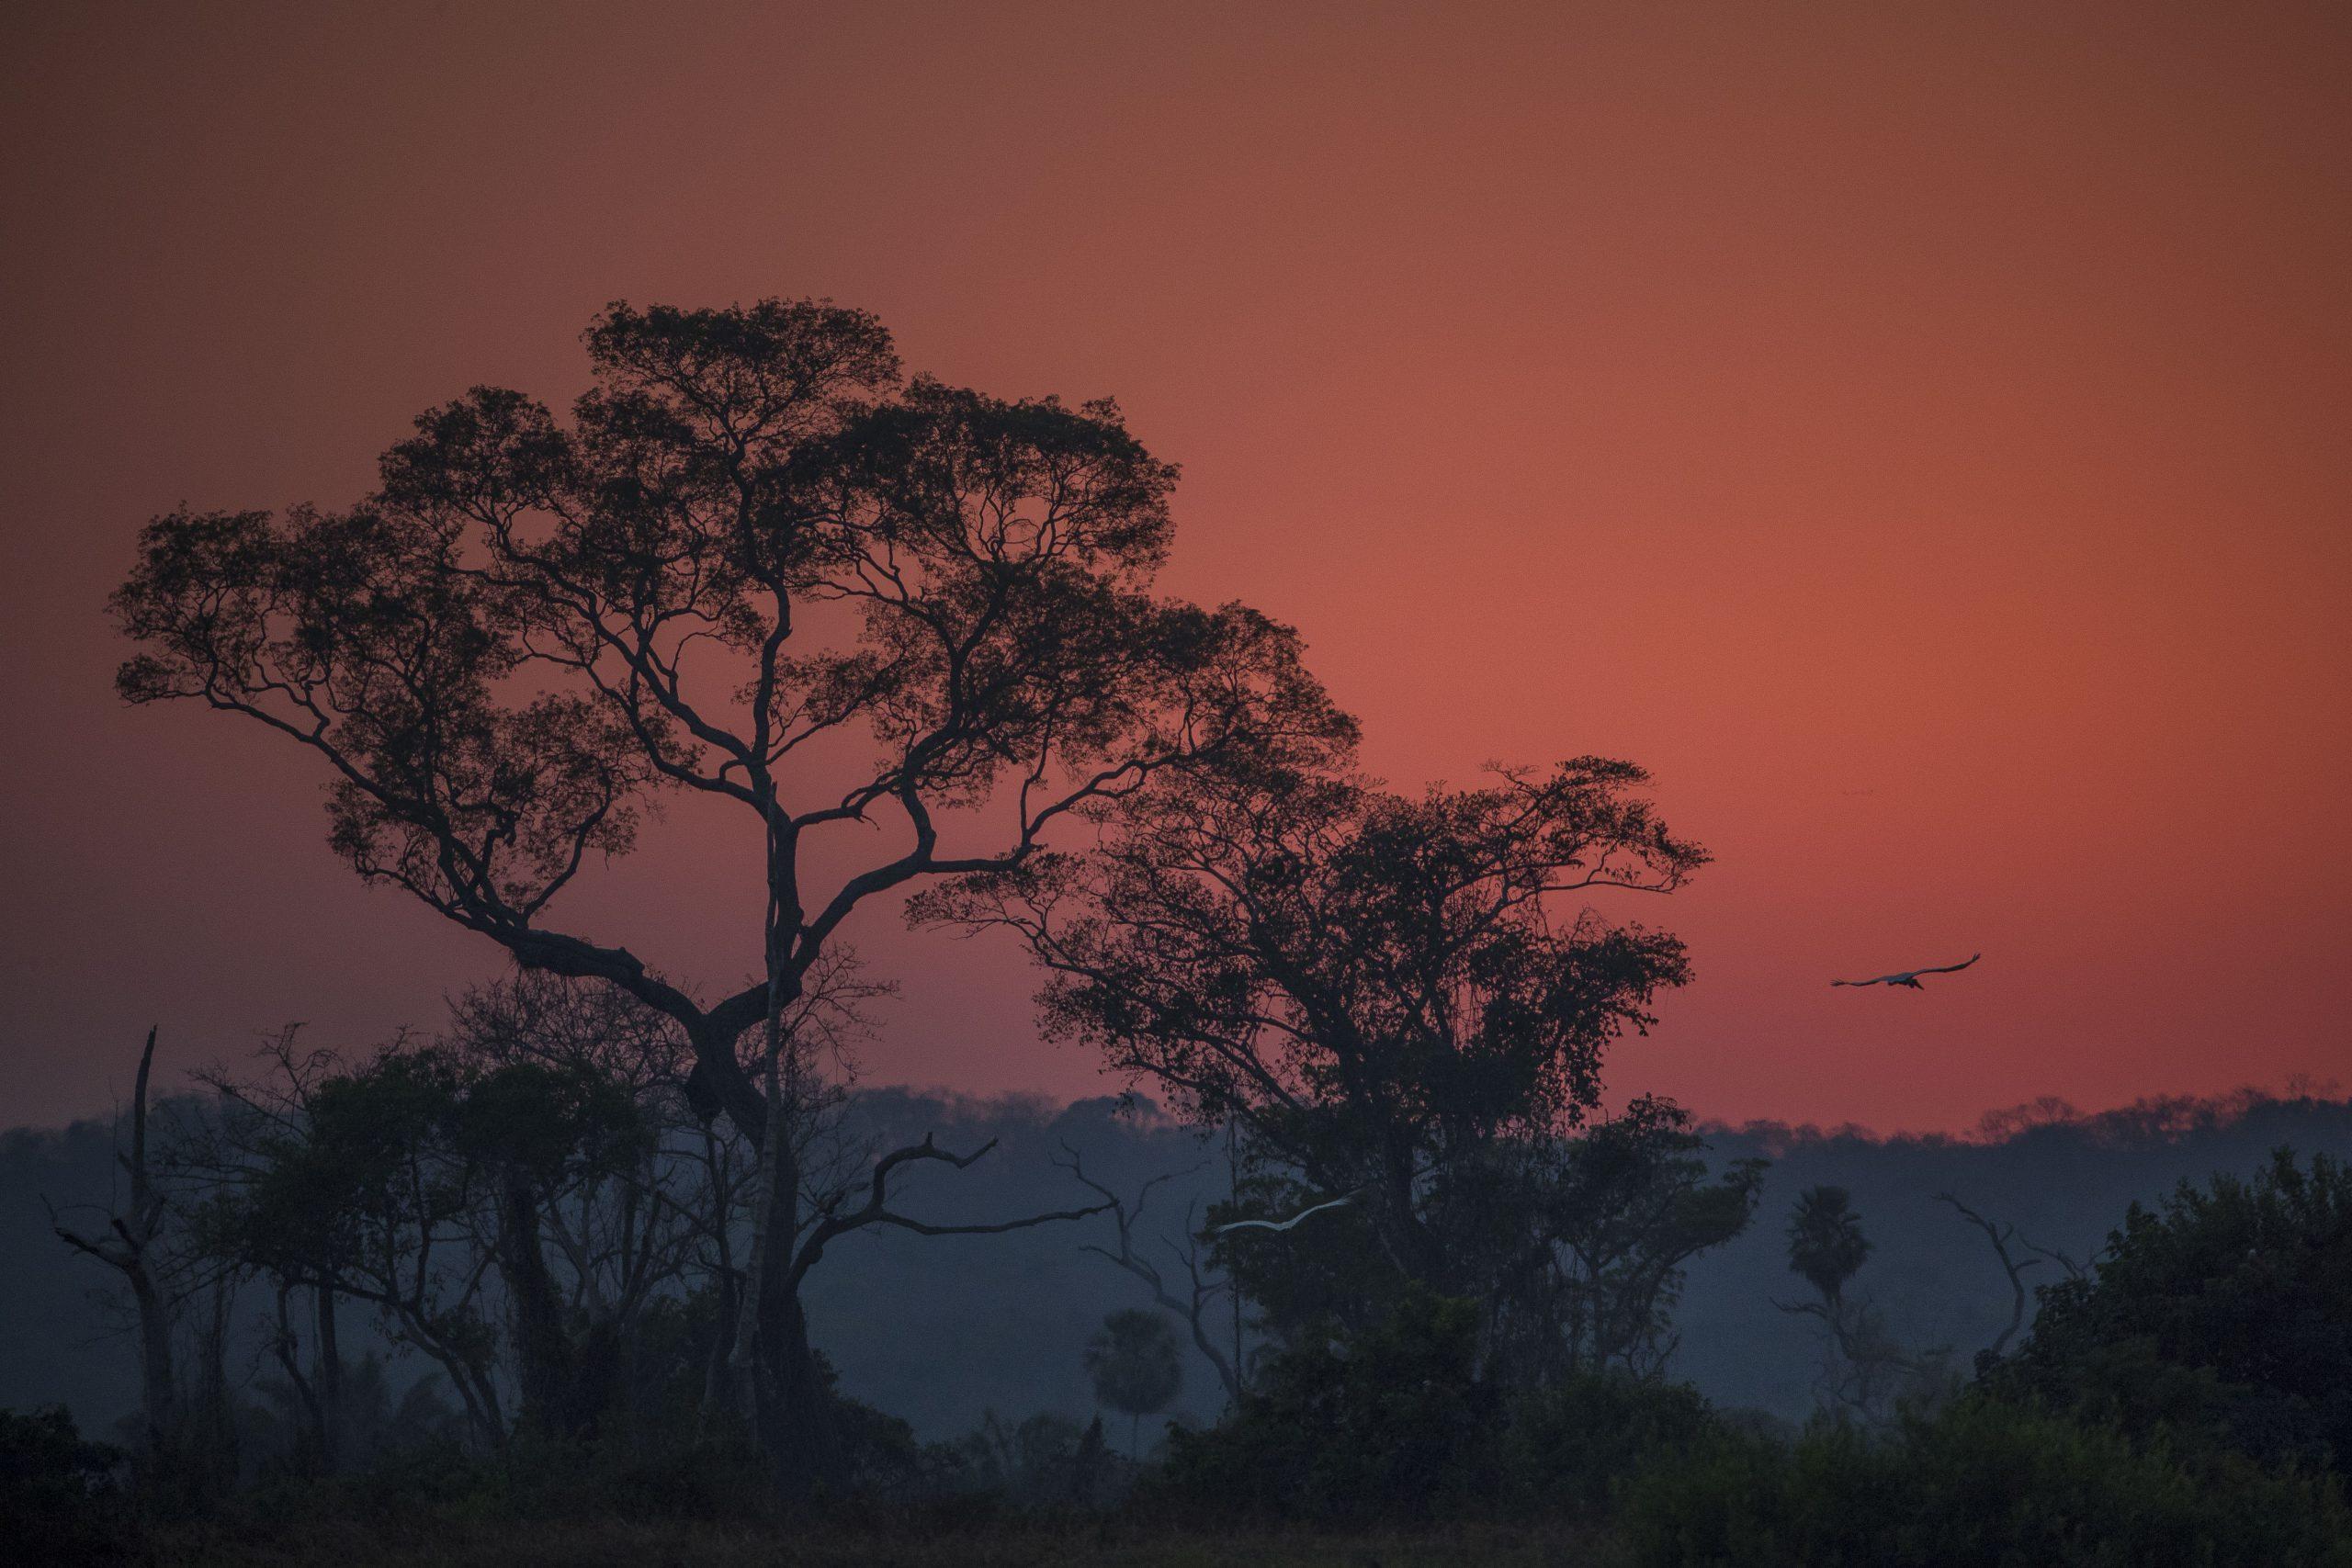 Piúvas no amanhecer às margens do rio Paraguai. Pantanal de Cáceres, Mato Grosso